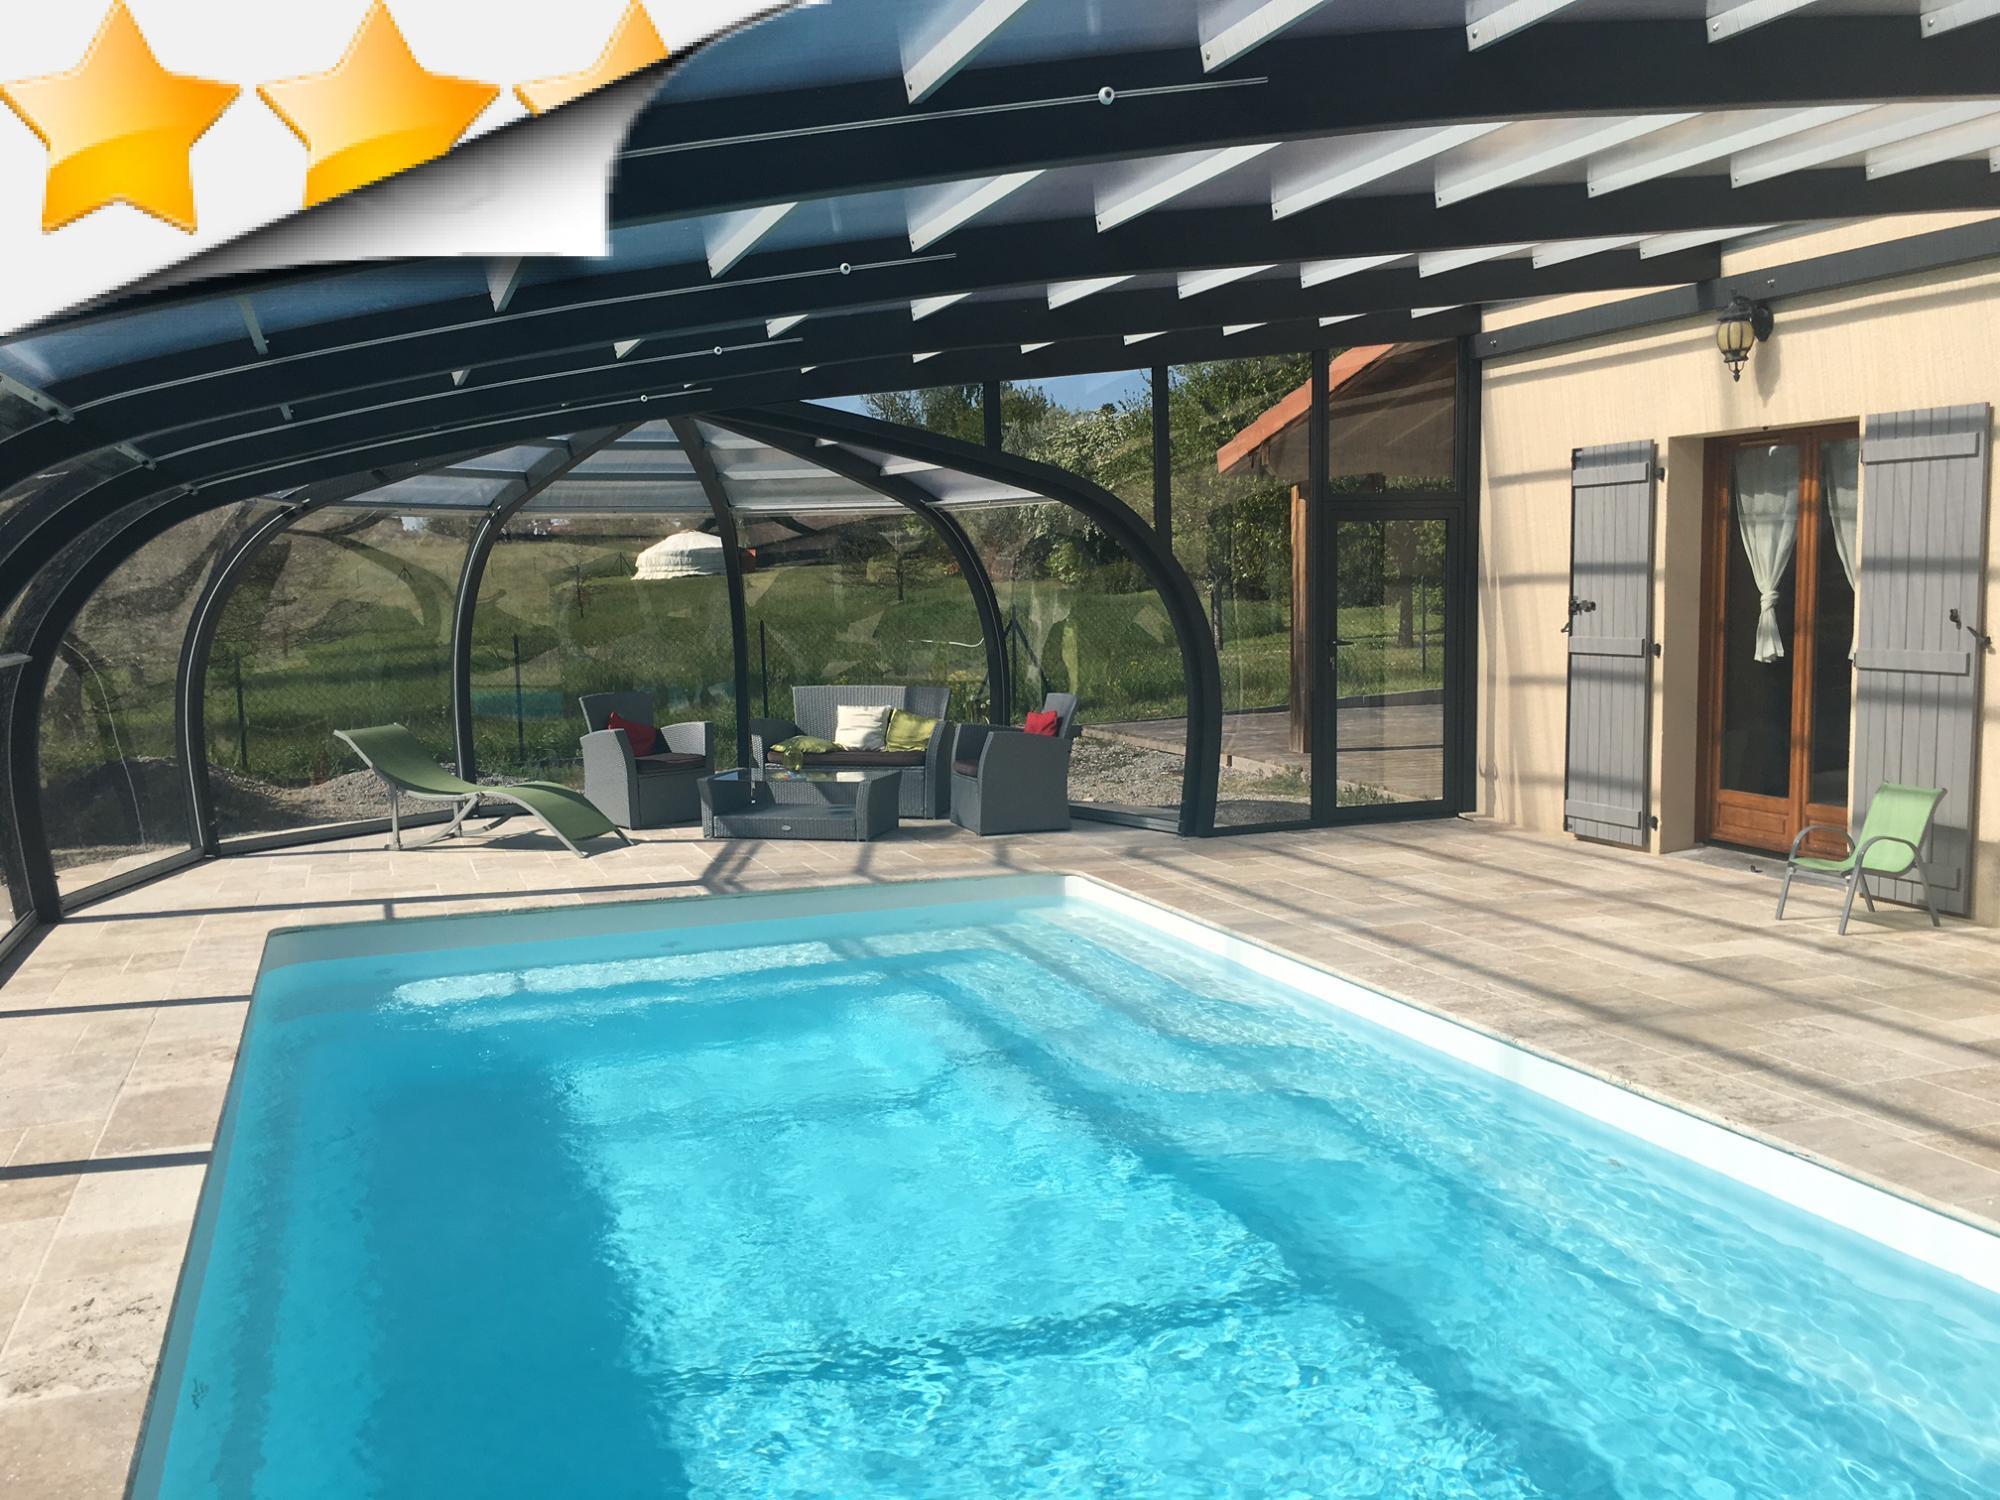 abri piscine en bois gris anthracite par apc. Black Bedroom Furniture Sets. Home Design Ideas